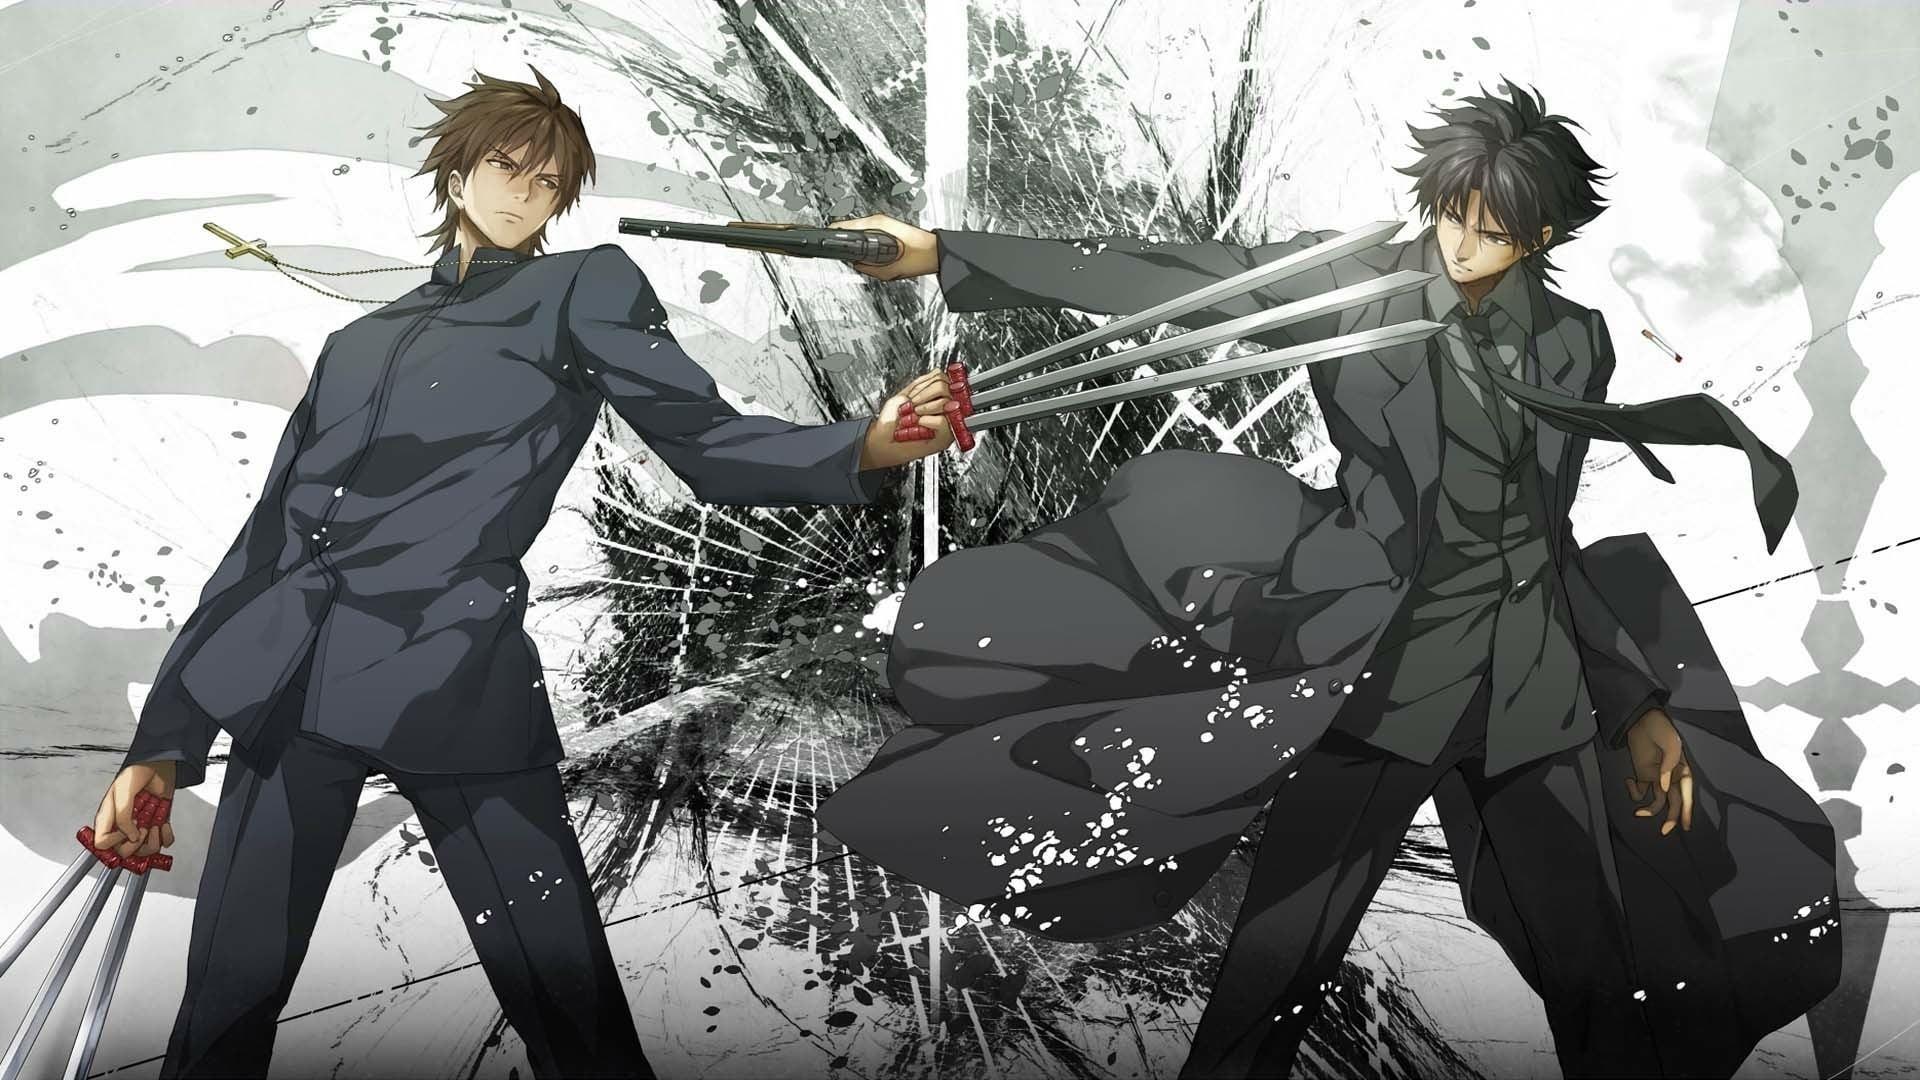 Fate Zero download wallpaper image